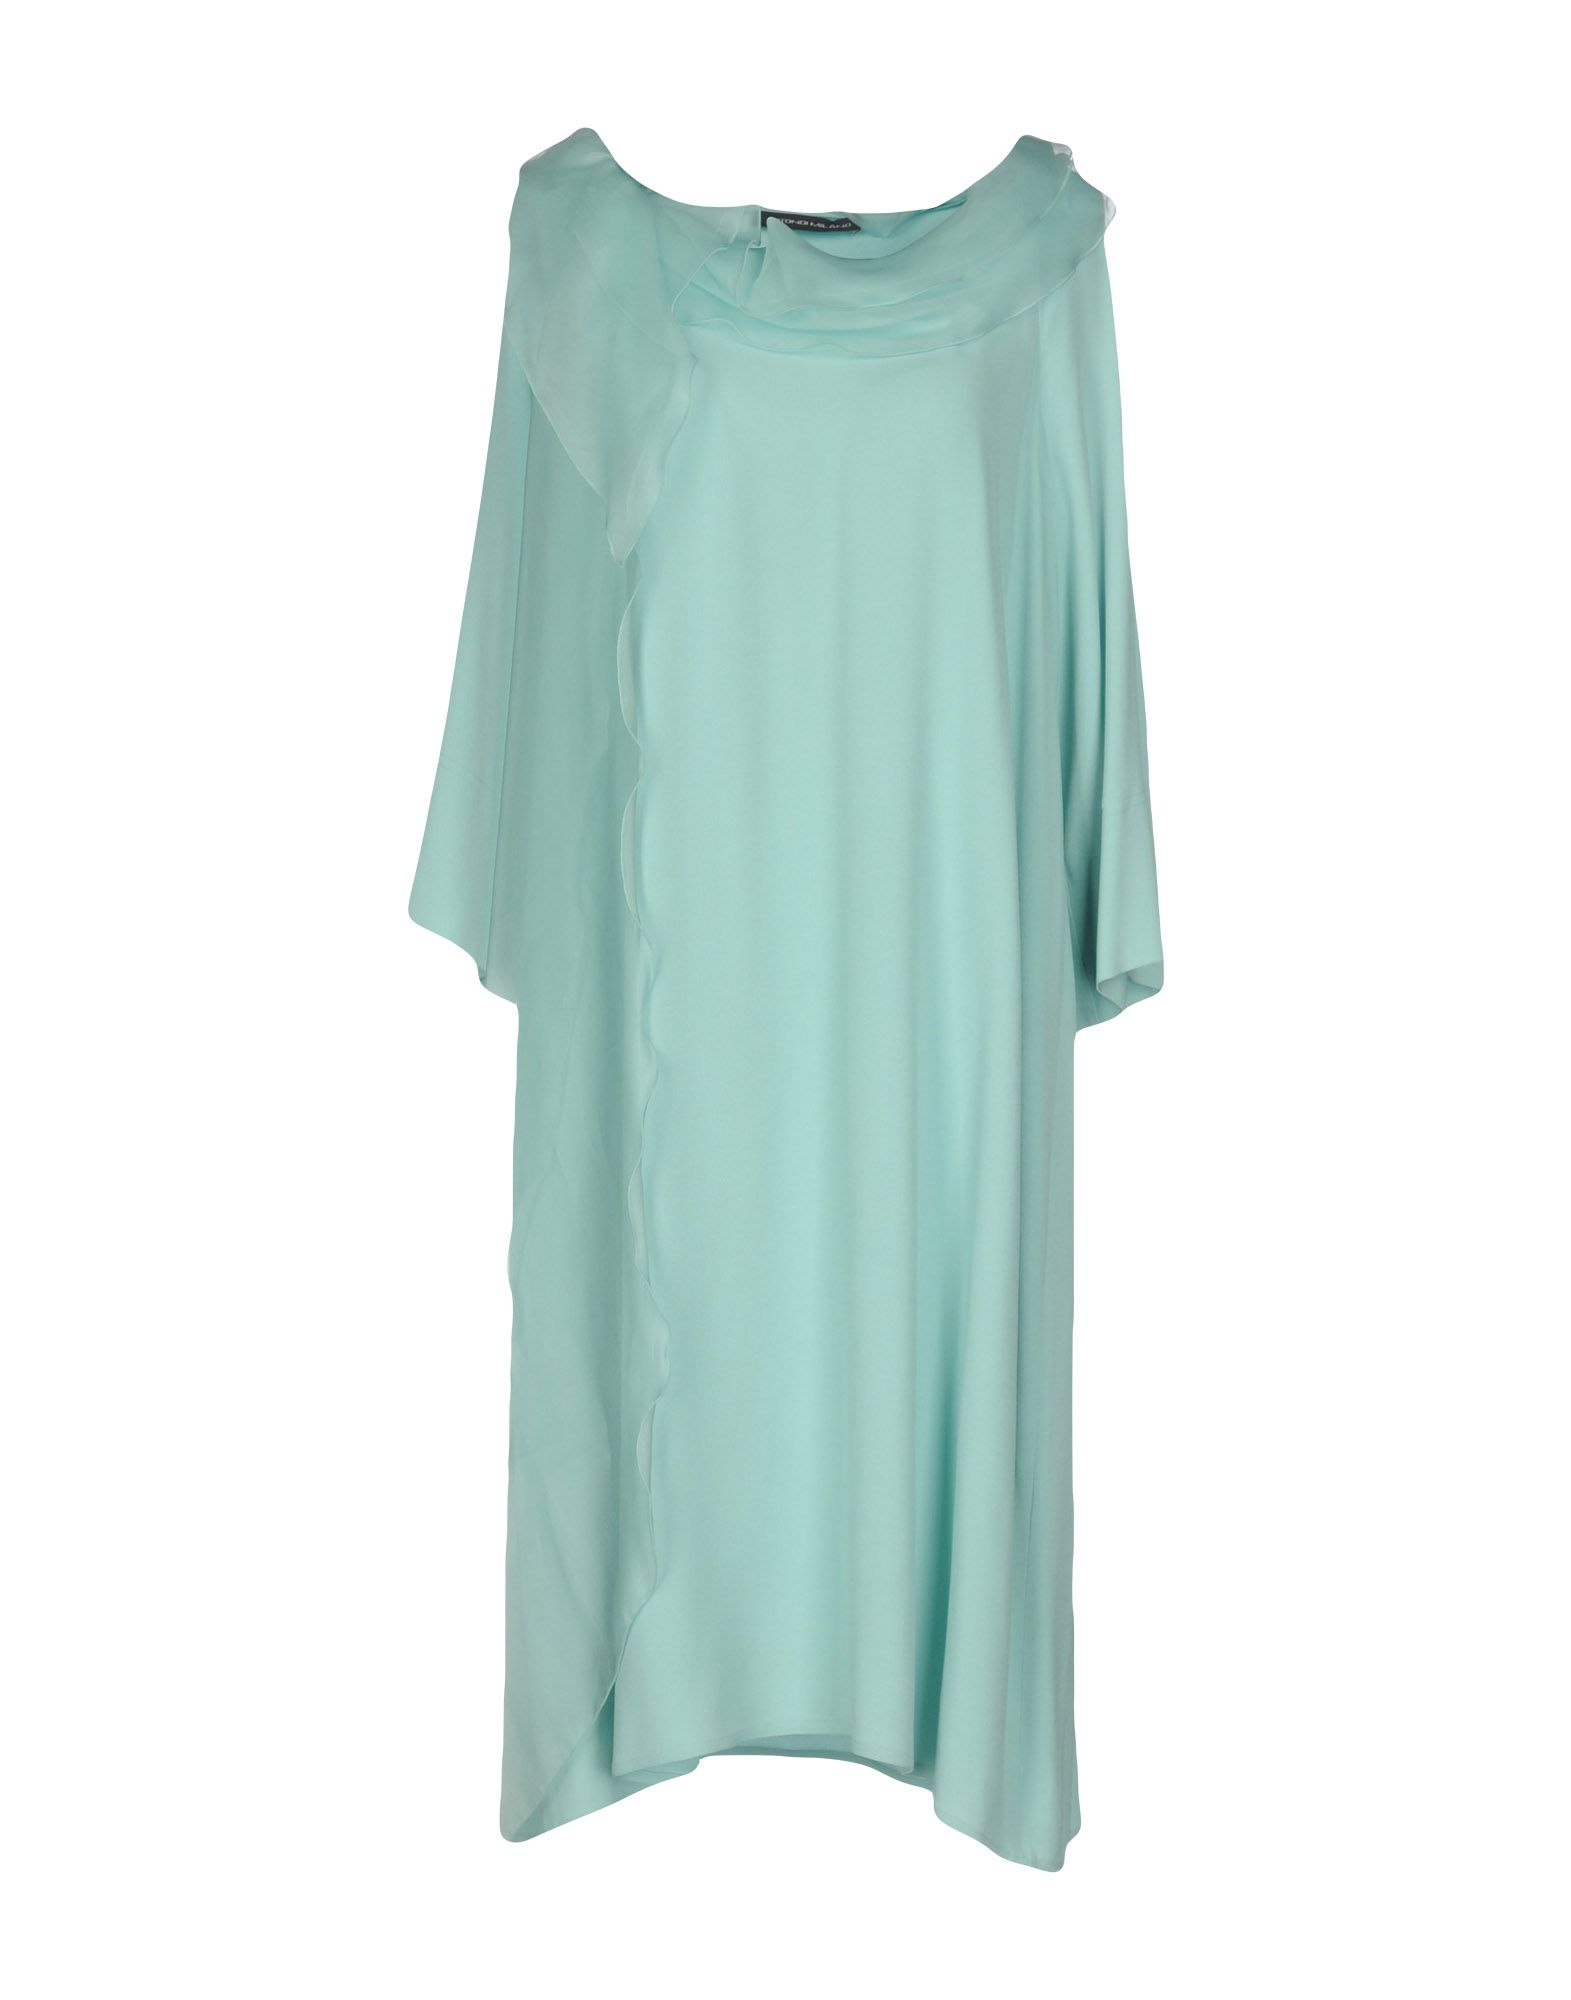 BOTONDI MILANO Короткое платье botondi milano юбка до колена